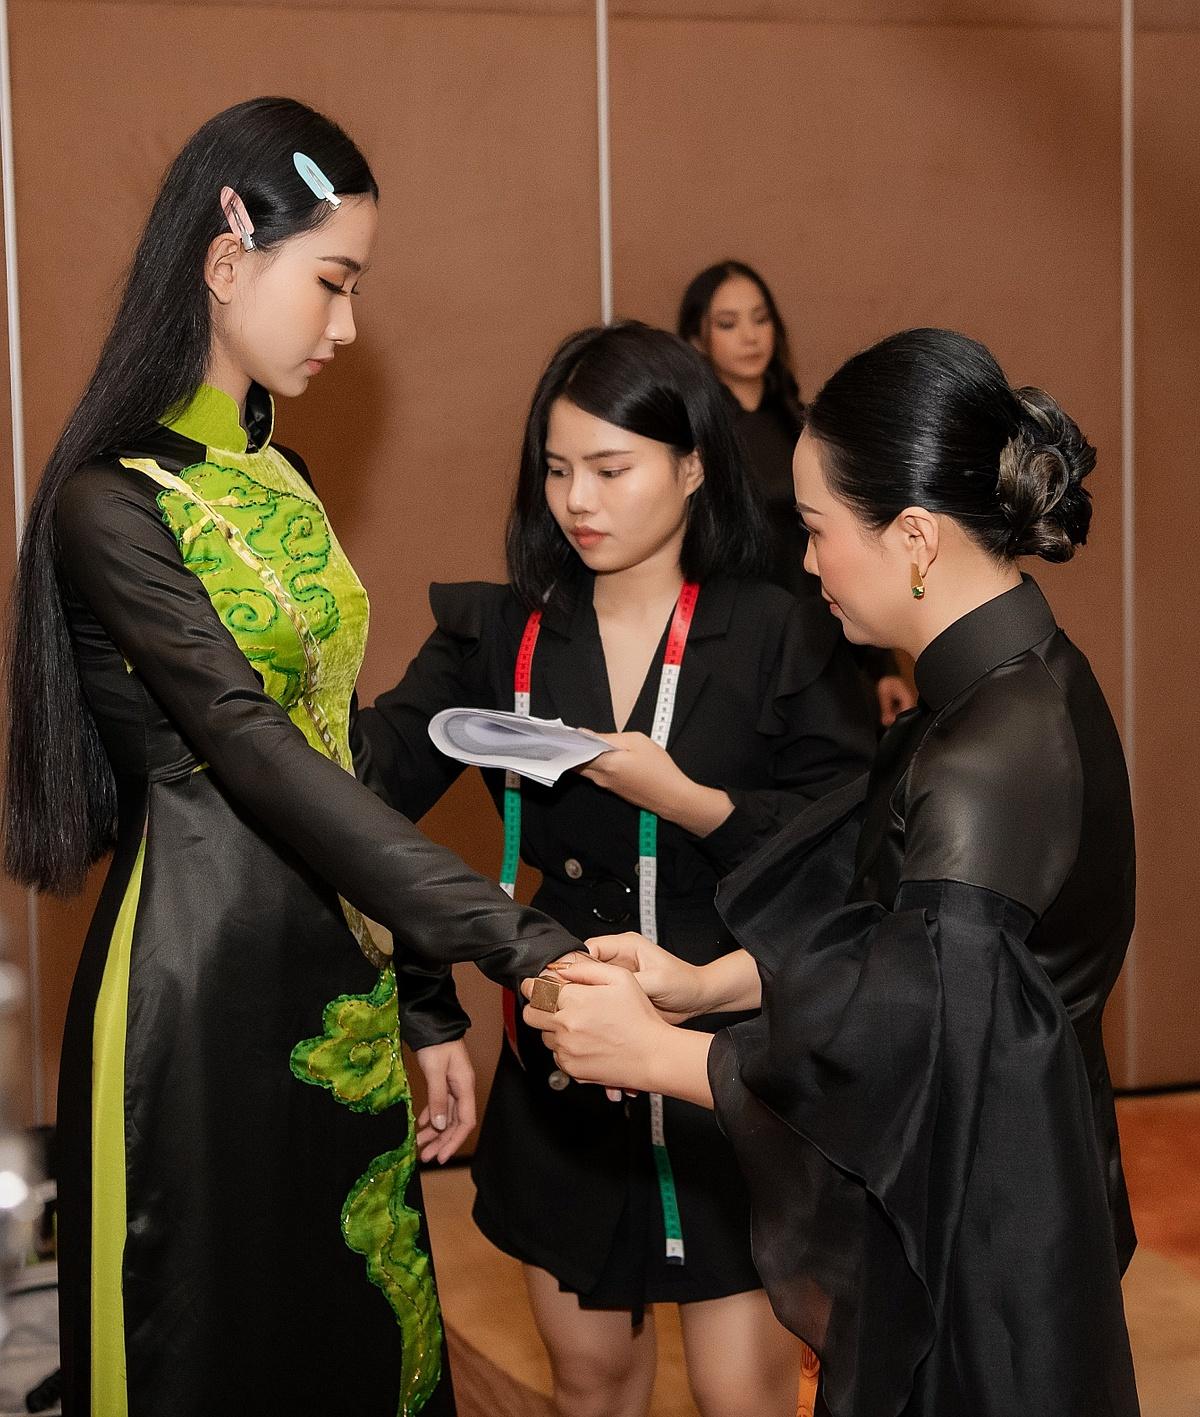 Bộ sưu tập Tinh hoa Đờn ca Việt lấy cảm hứng từ loại hình văn hóa dân gian của Nam Bộ. Đờn ca tài tử xuất hiện cách đây hơn 100 năm, đến nay vẫn giữ được sức sống mãnh liệt với tầm ảnh hưởng rộng khắp đến 21 tỉnh thành phía Nam. Thông qua màn trình diễn của các thí sinh, nhà thiết kế mong muốn góp phần quảng bá và lan tỏa di sản văn hóa phi vật thể của Việt Nam được UNESCO công nhận đến thế giới. Chị chia sẻ: Đối với tôi, đây là bộ sưu tập có ý nghĩa quý giá trong cuộc đời làm thiết kế. Tôi muốn dành tặng những tà áo dài đậm bản sắc dân tộc nhất cho chung kết Hoa hậu Việt Nam 2020, nhân dịp kỷ niệm 75 năm Di sản Văn hóa Việt Nam.